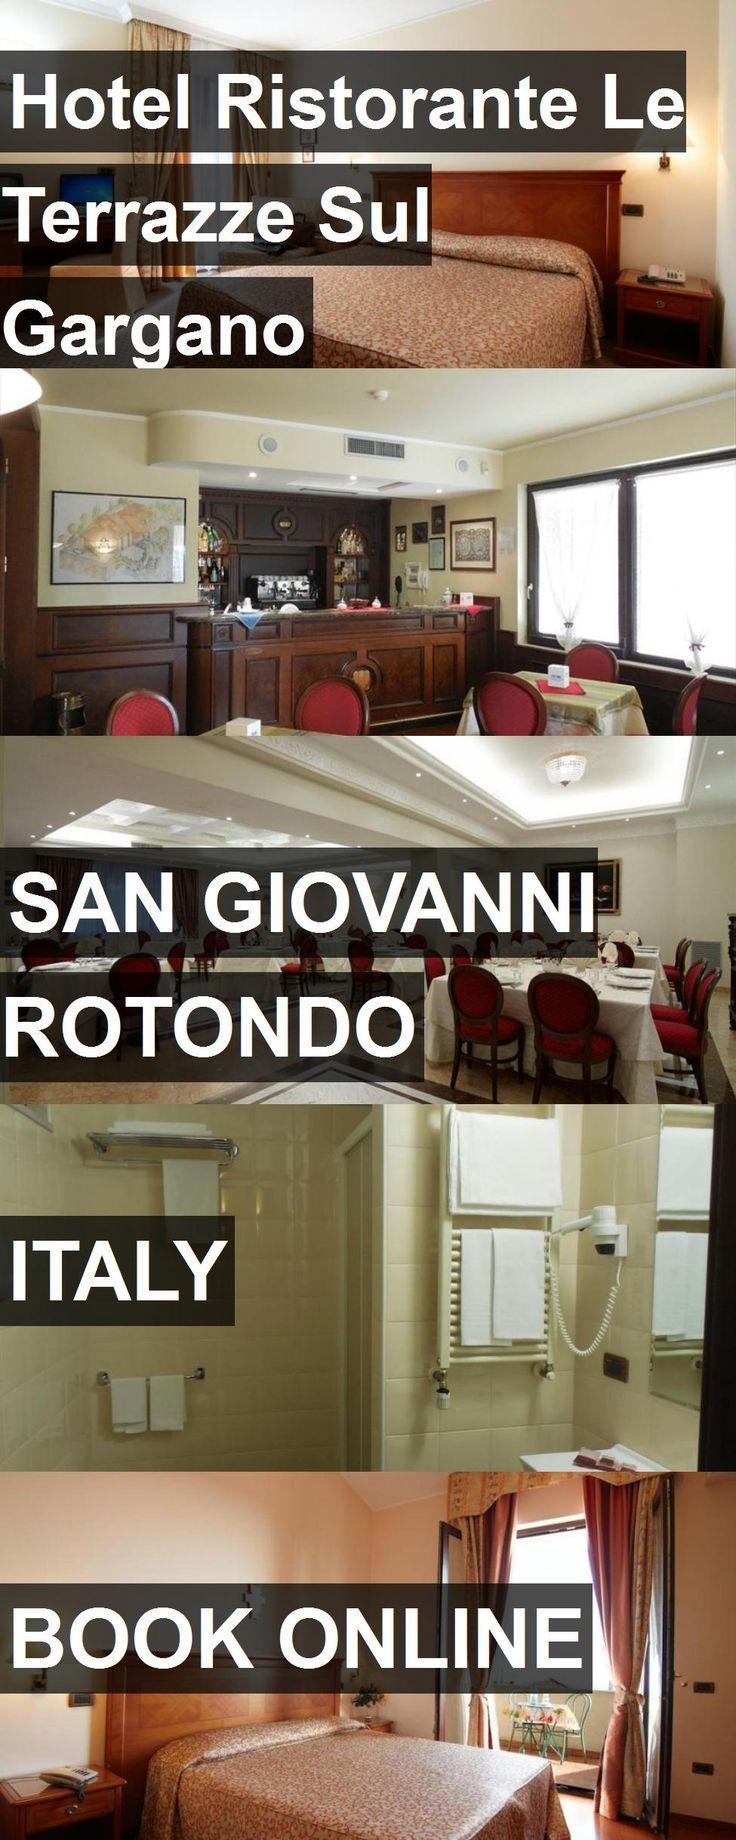 The 25+ best San giovanni rotondo ideas on Pinterest | San ...